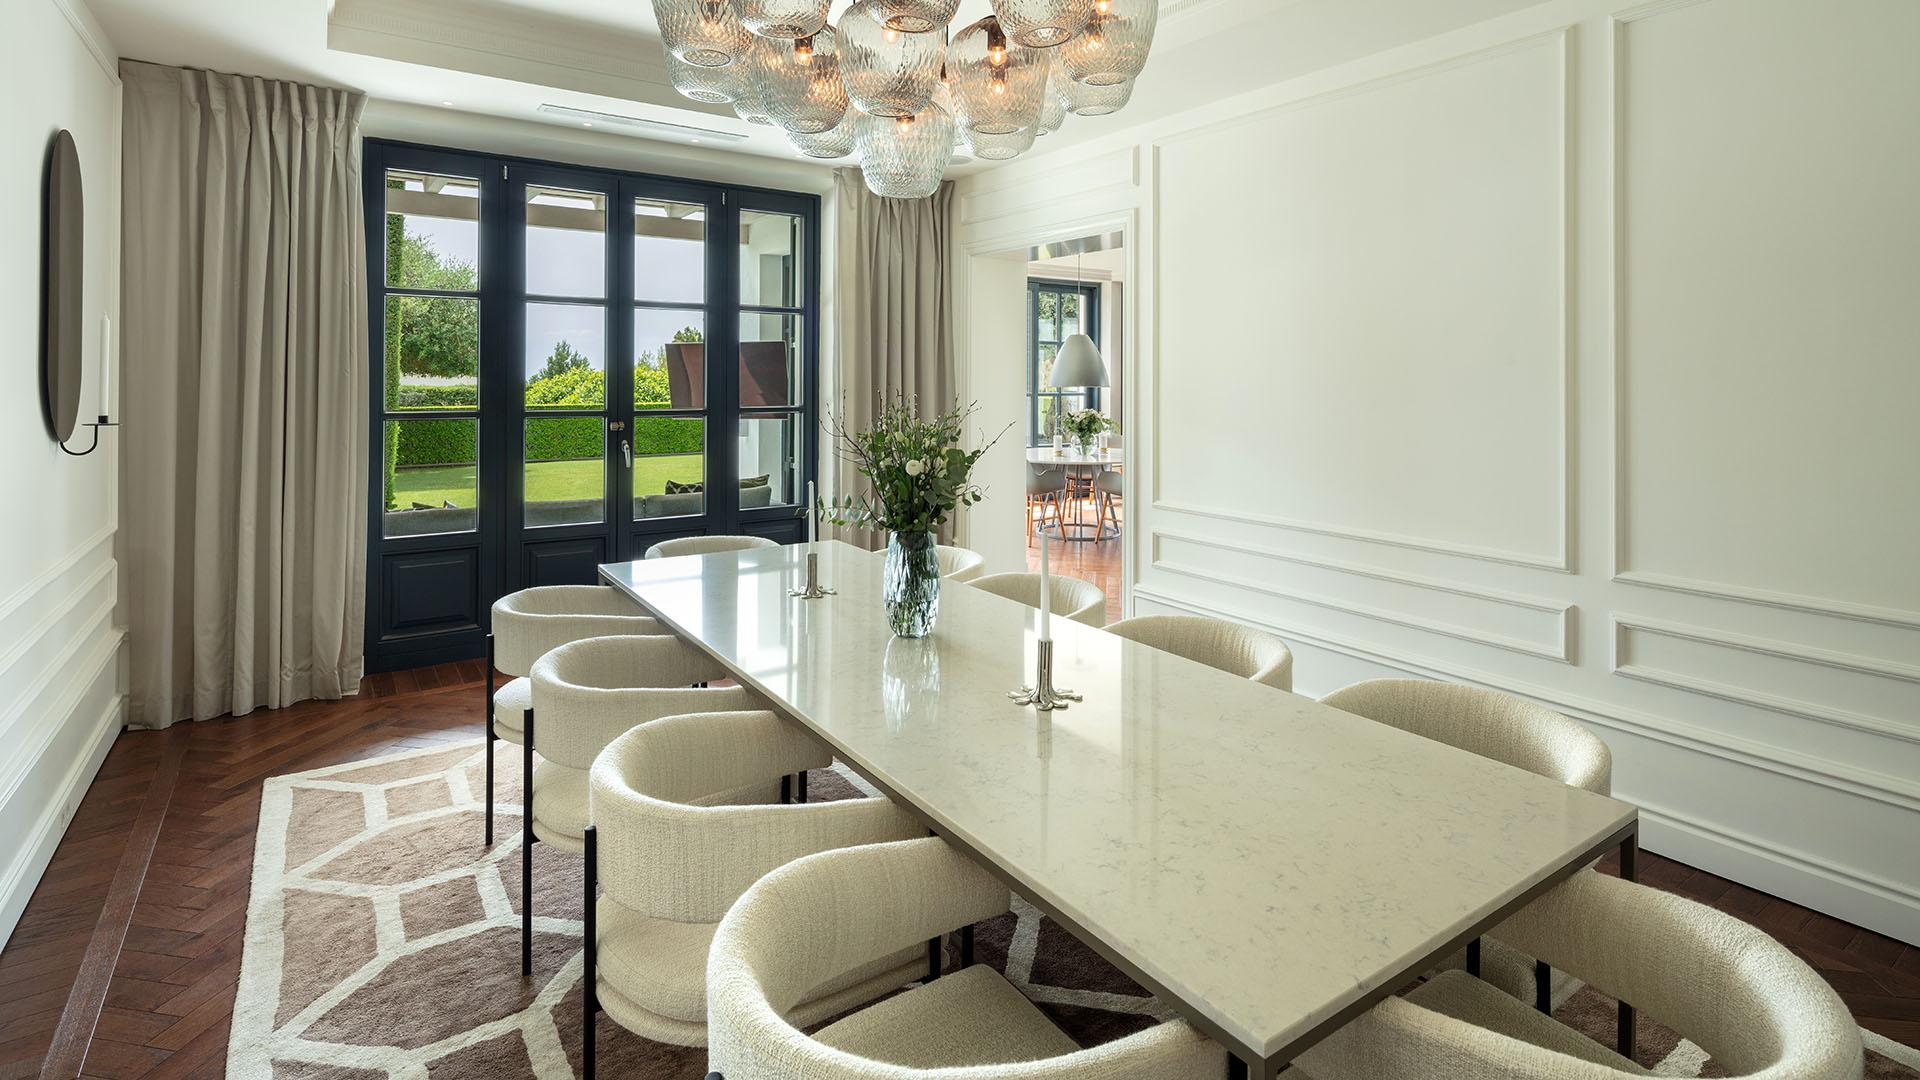 Casa Castaña: Impressive luxury villa in Marbella